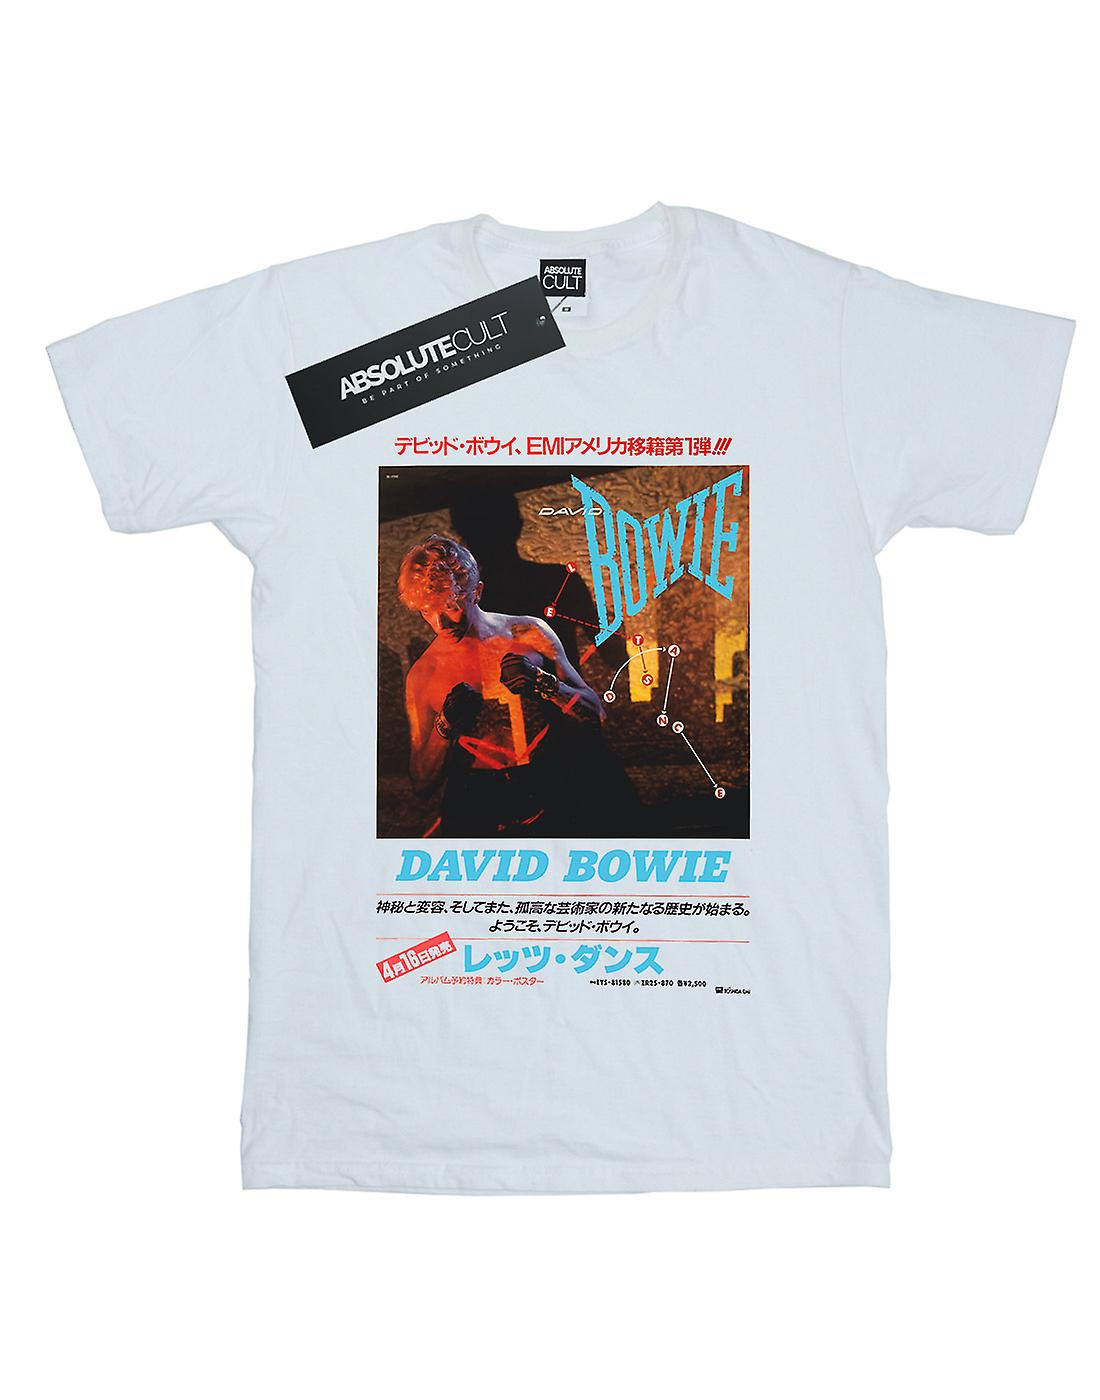 David Bowie Girls Asian Poster T-Shirt